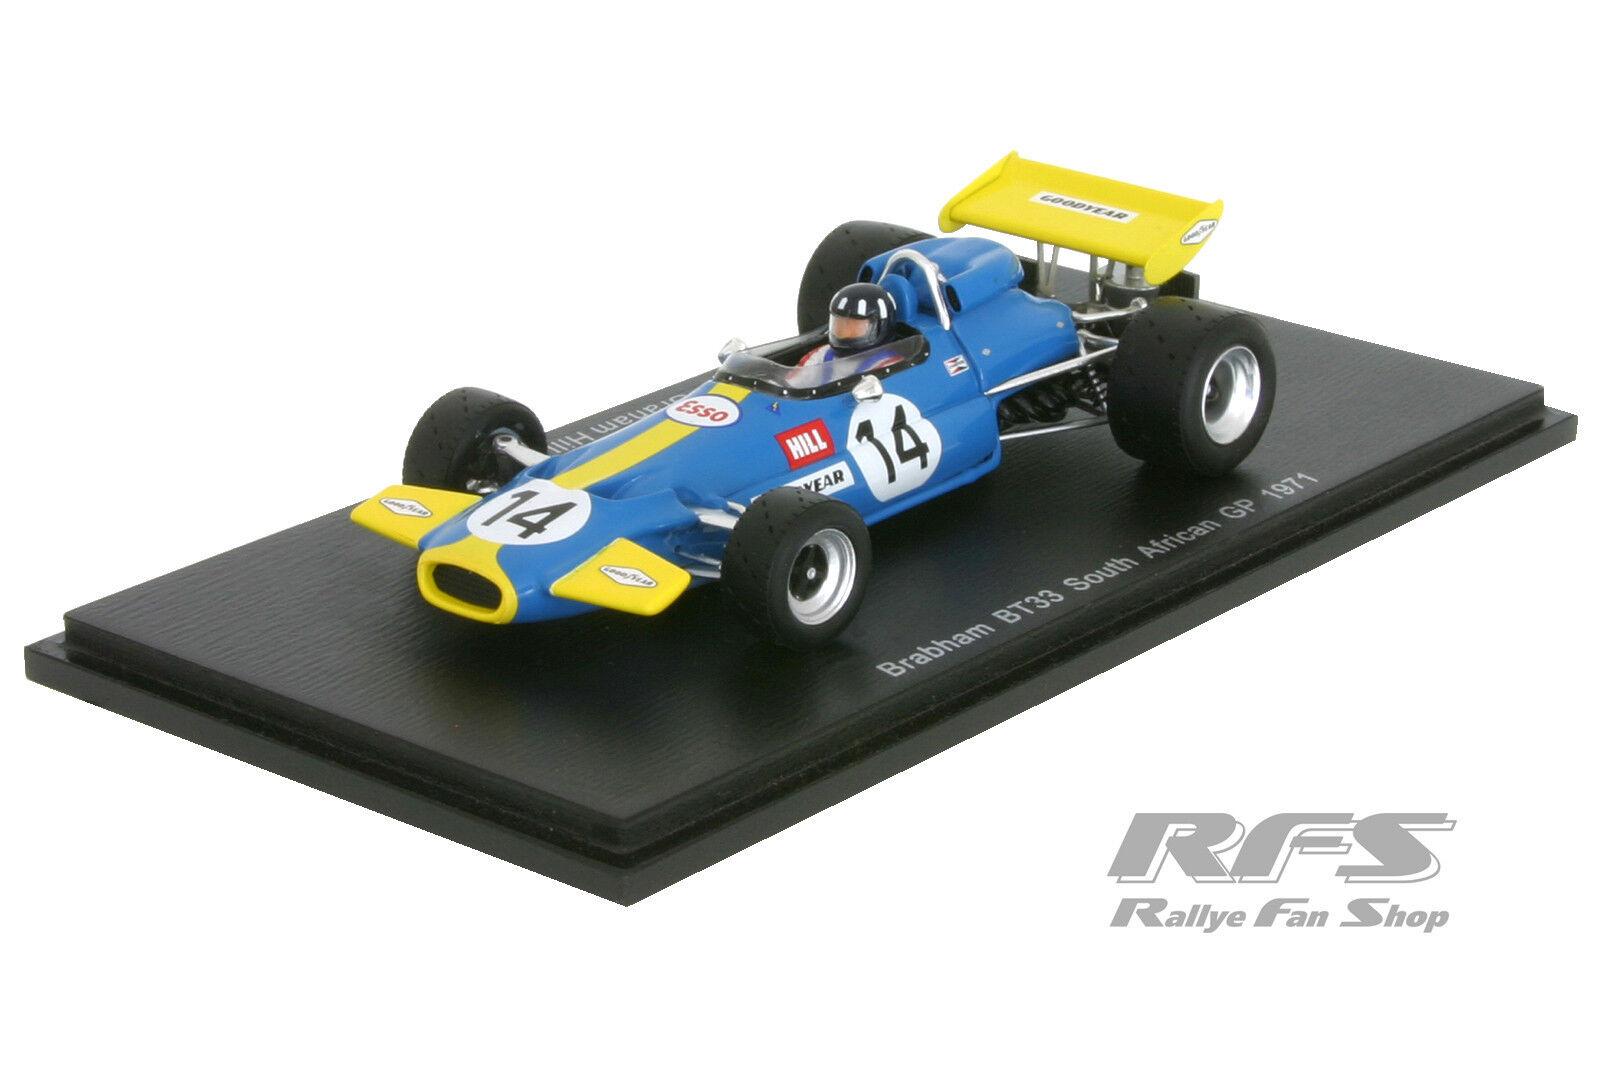 Brabham bt33 Ford-Formule 1 GP Afrique Afrique Afrique du sud 1971-Graham Hill - 1 43 spark 4338 007a2f